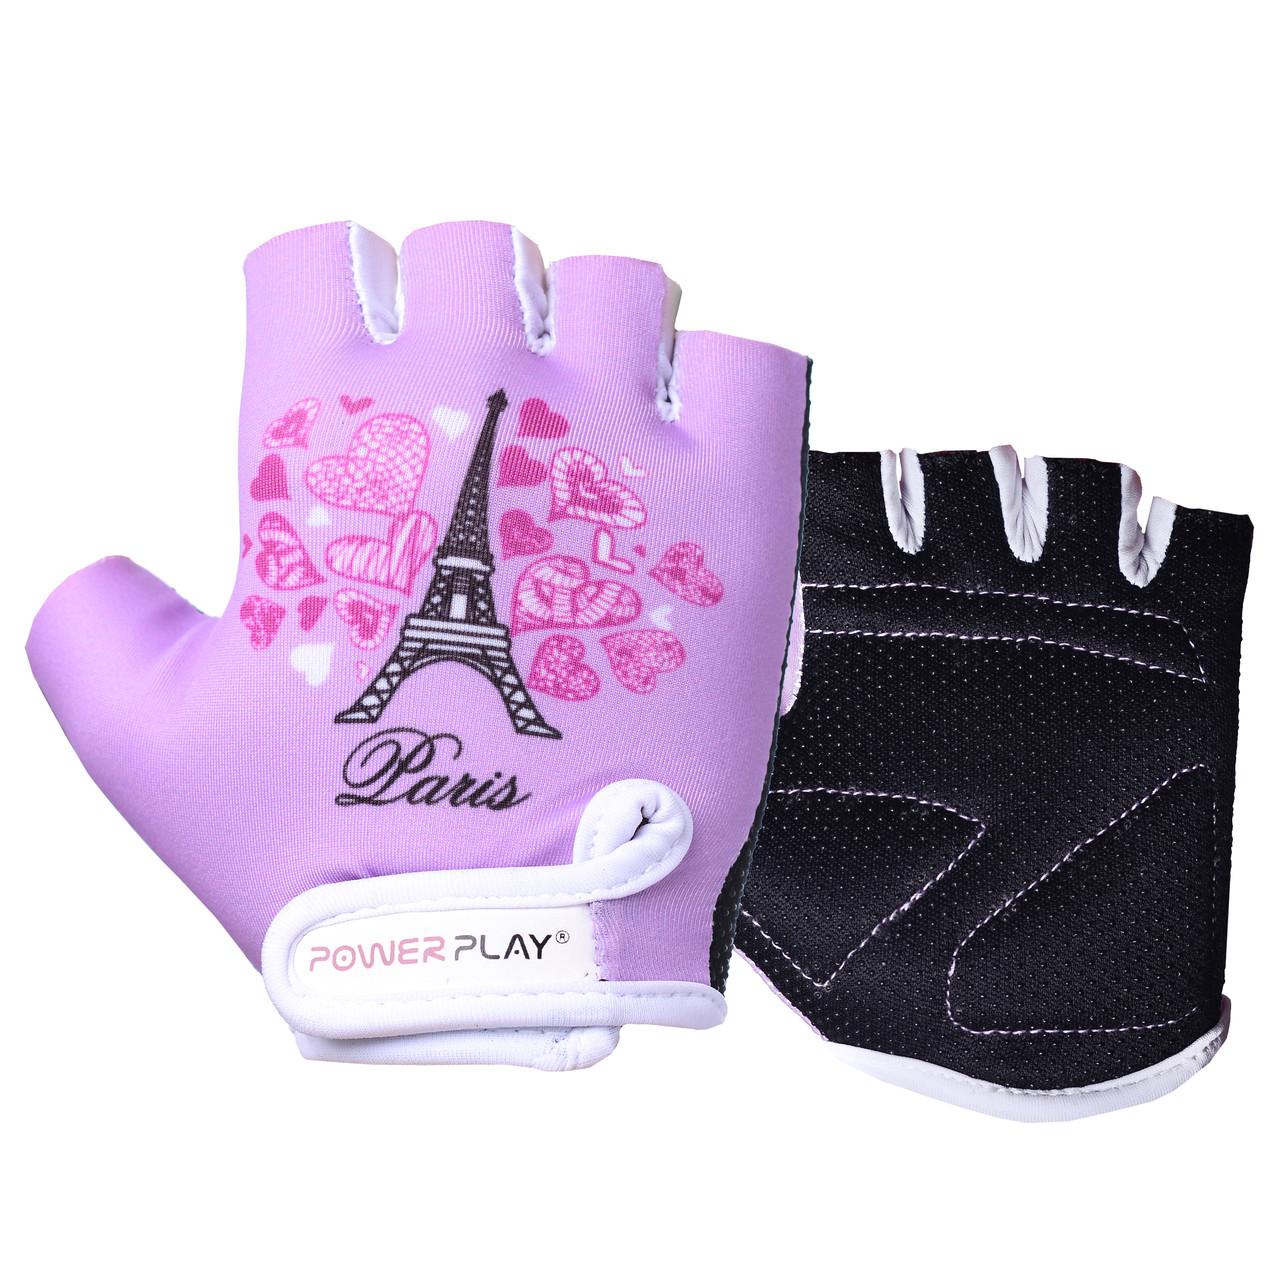 Велорукавички PowerPlay 001 Париж фіолетові XS